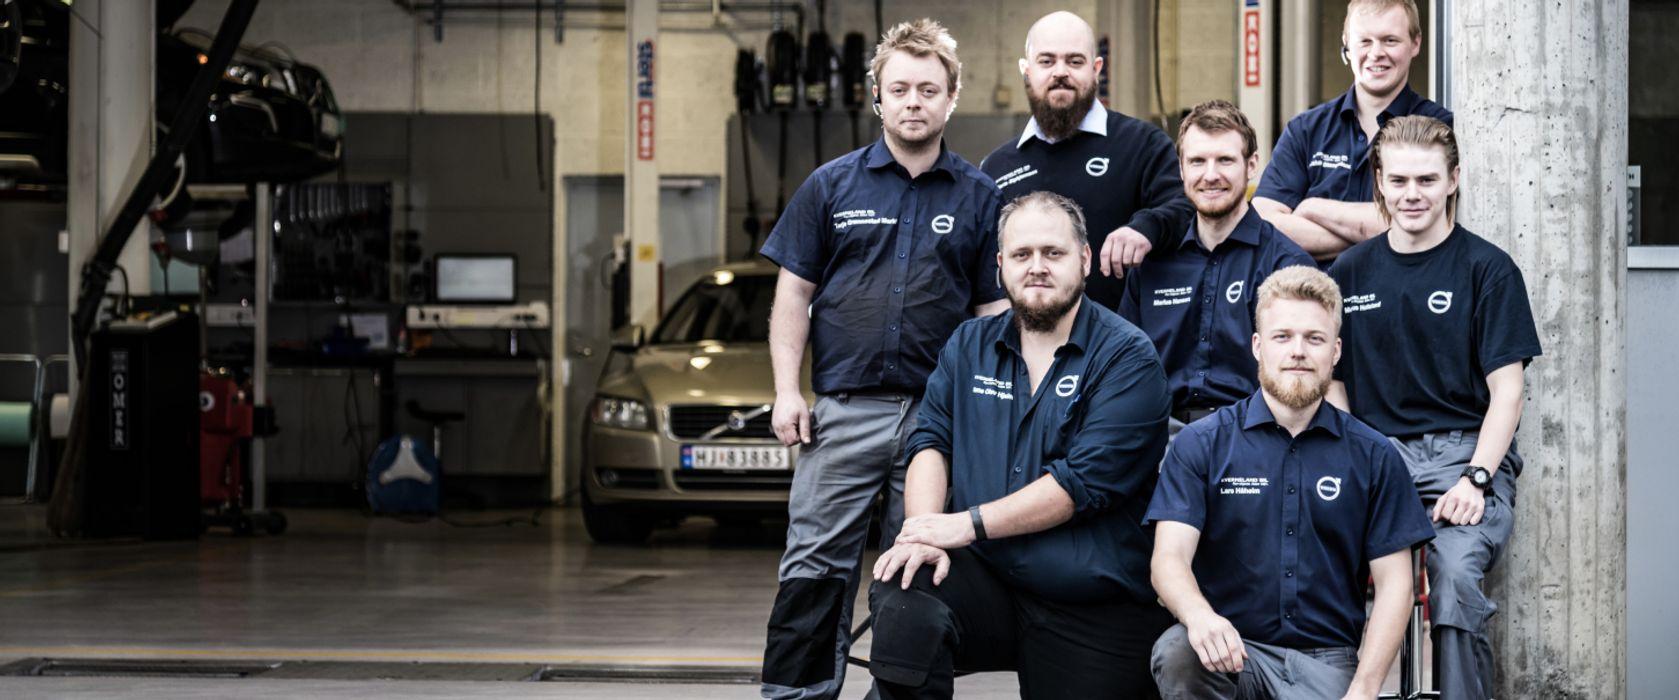 Bilde av de ansatte på Kverneland Bil | Mariero